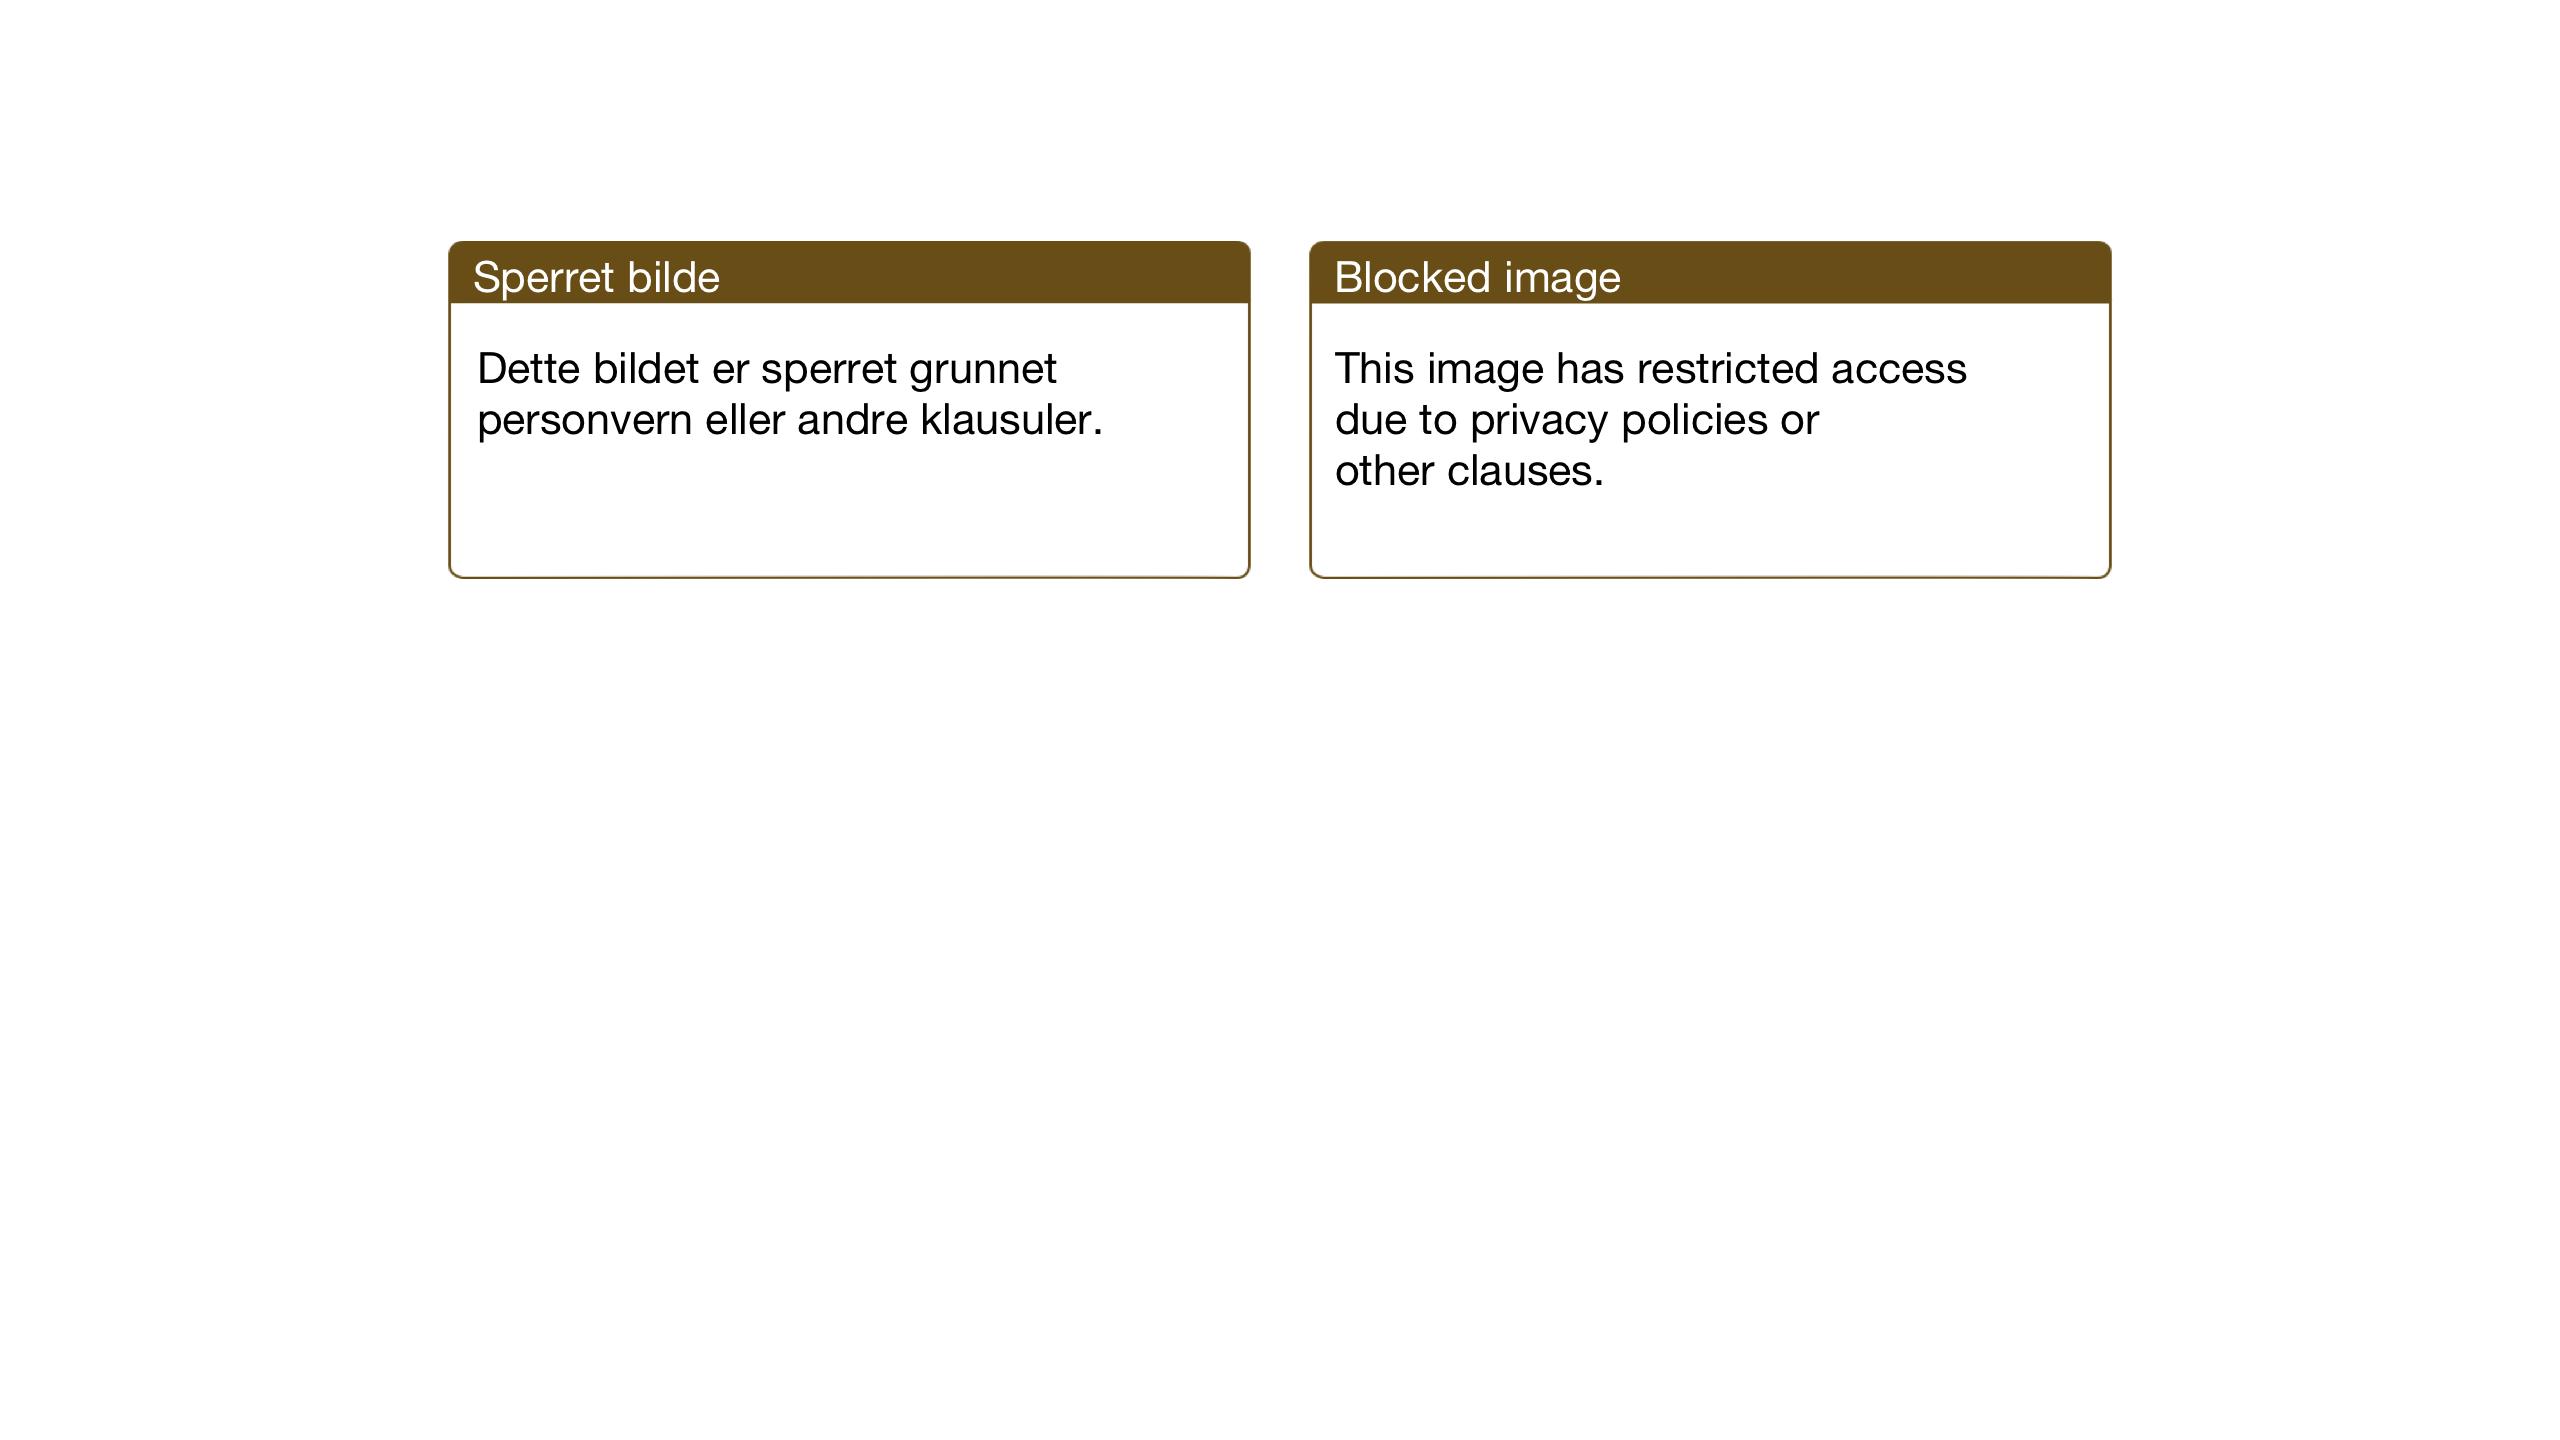 SAT, Ministerialprotokoller, klokkerbøker og fødselsregistre - Sør-Trøndelag, 606/L0315: Klokkerbok nr. 606C11, 1938-1947, s. 40